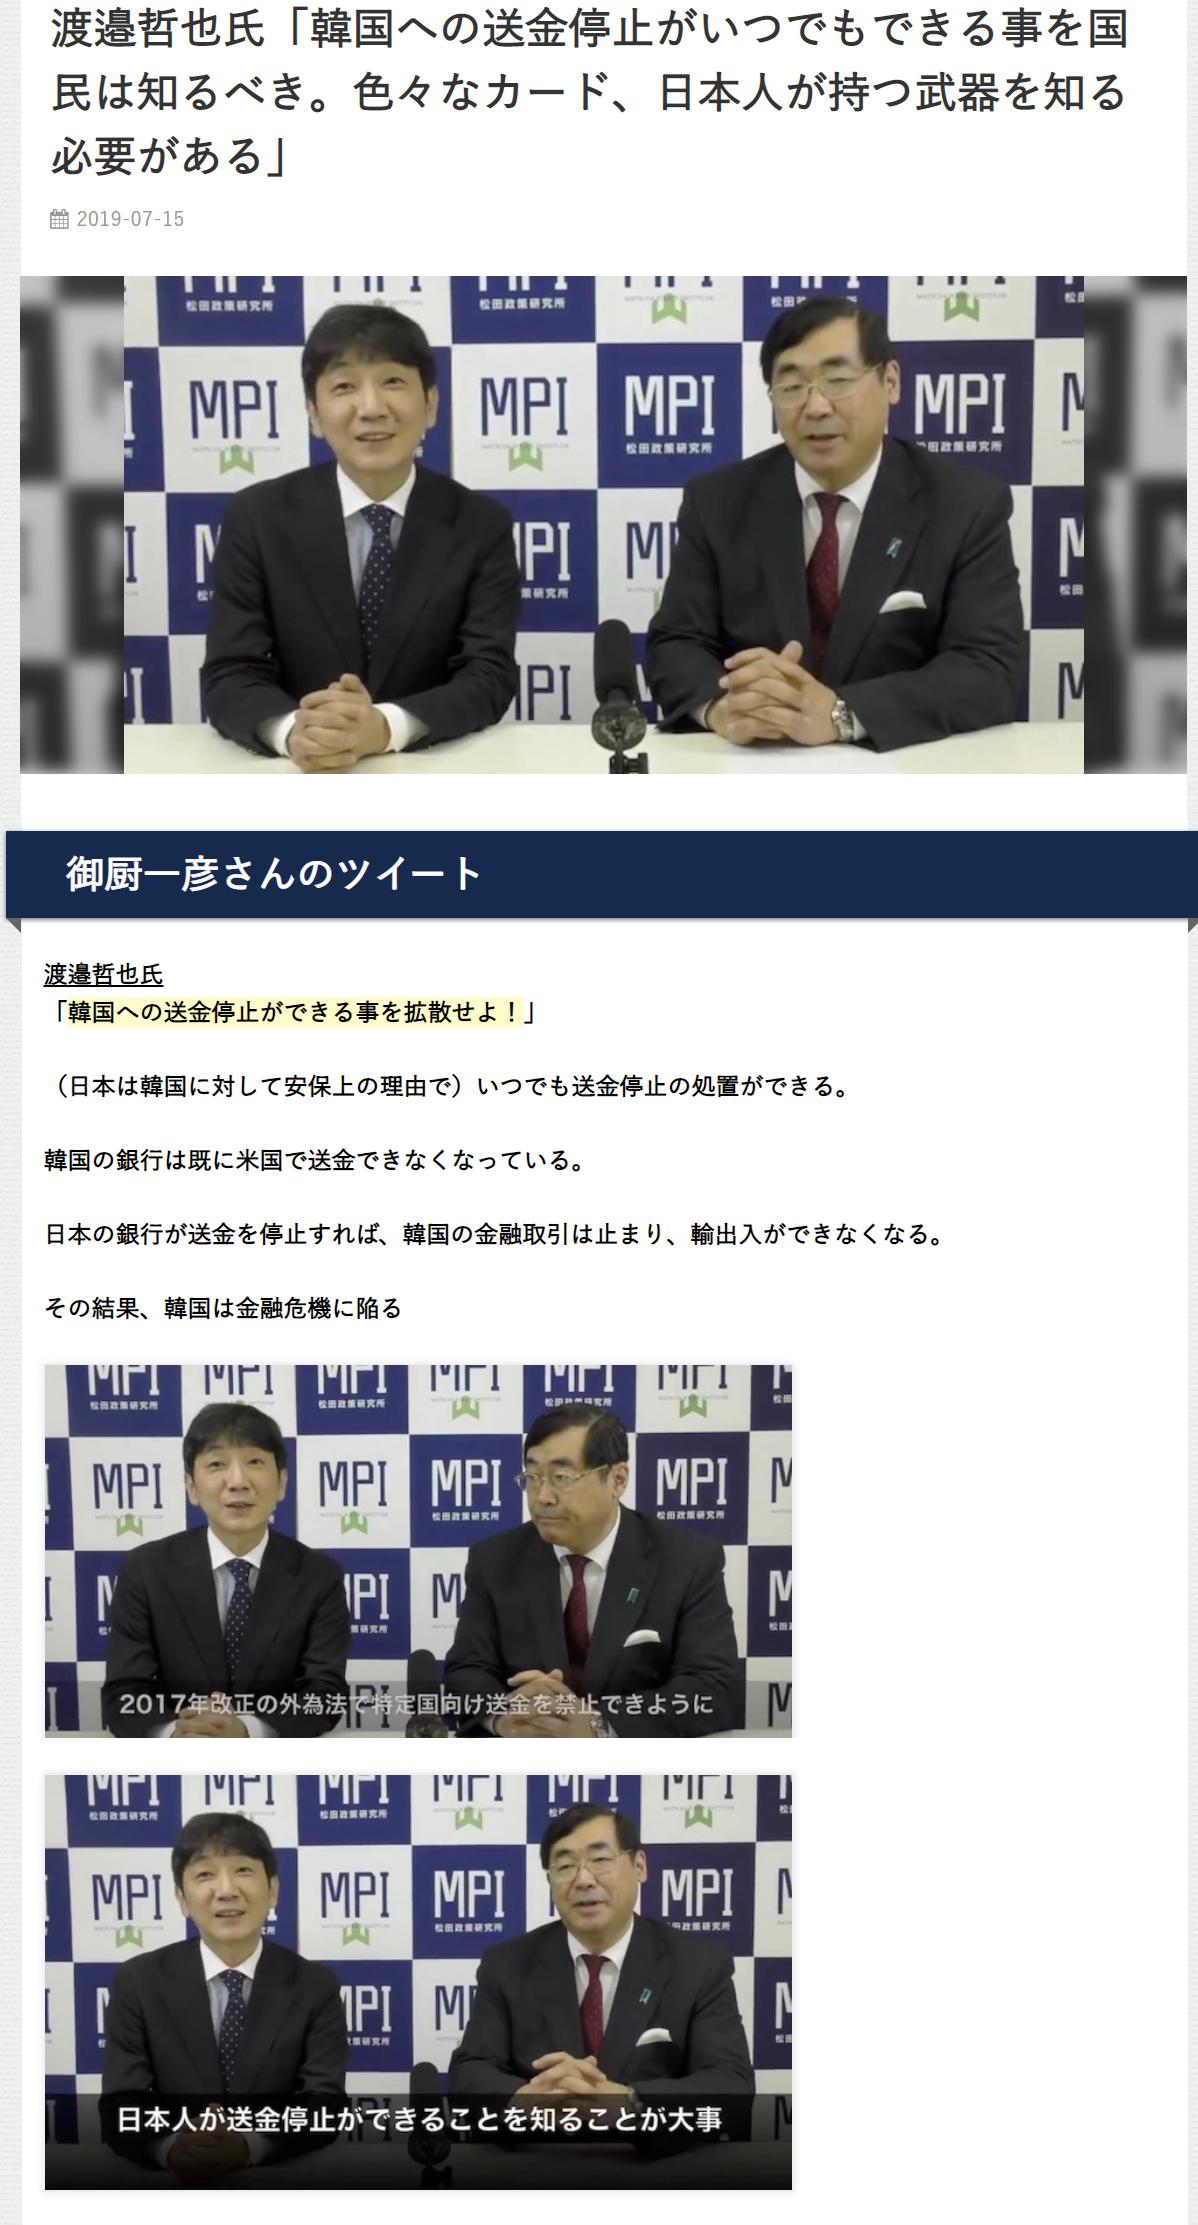 日本は独自の判断で姦国への送金停止が可能になった2_1